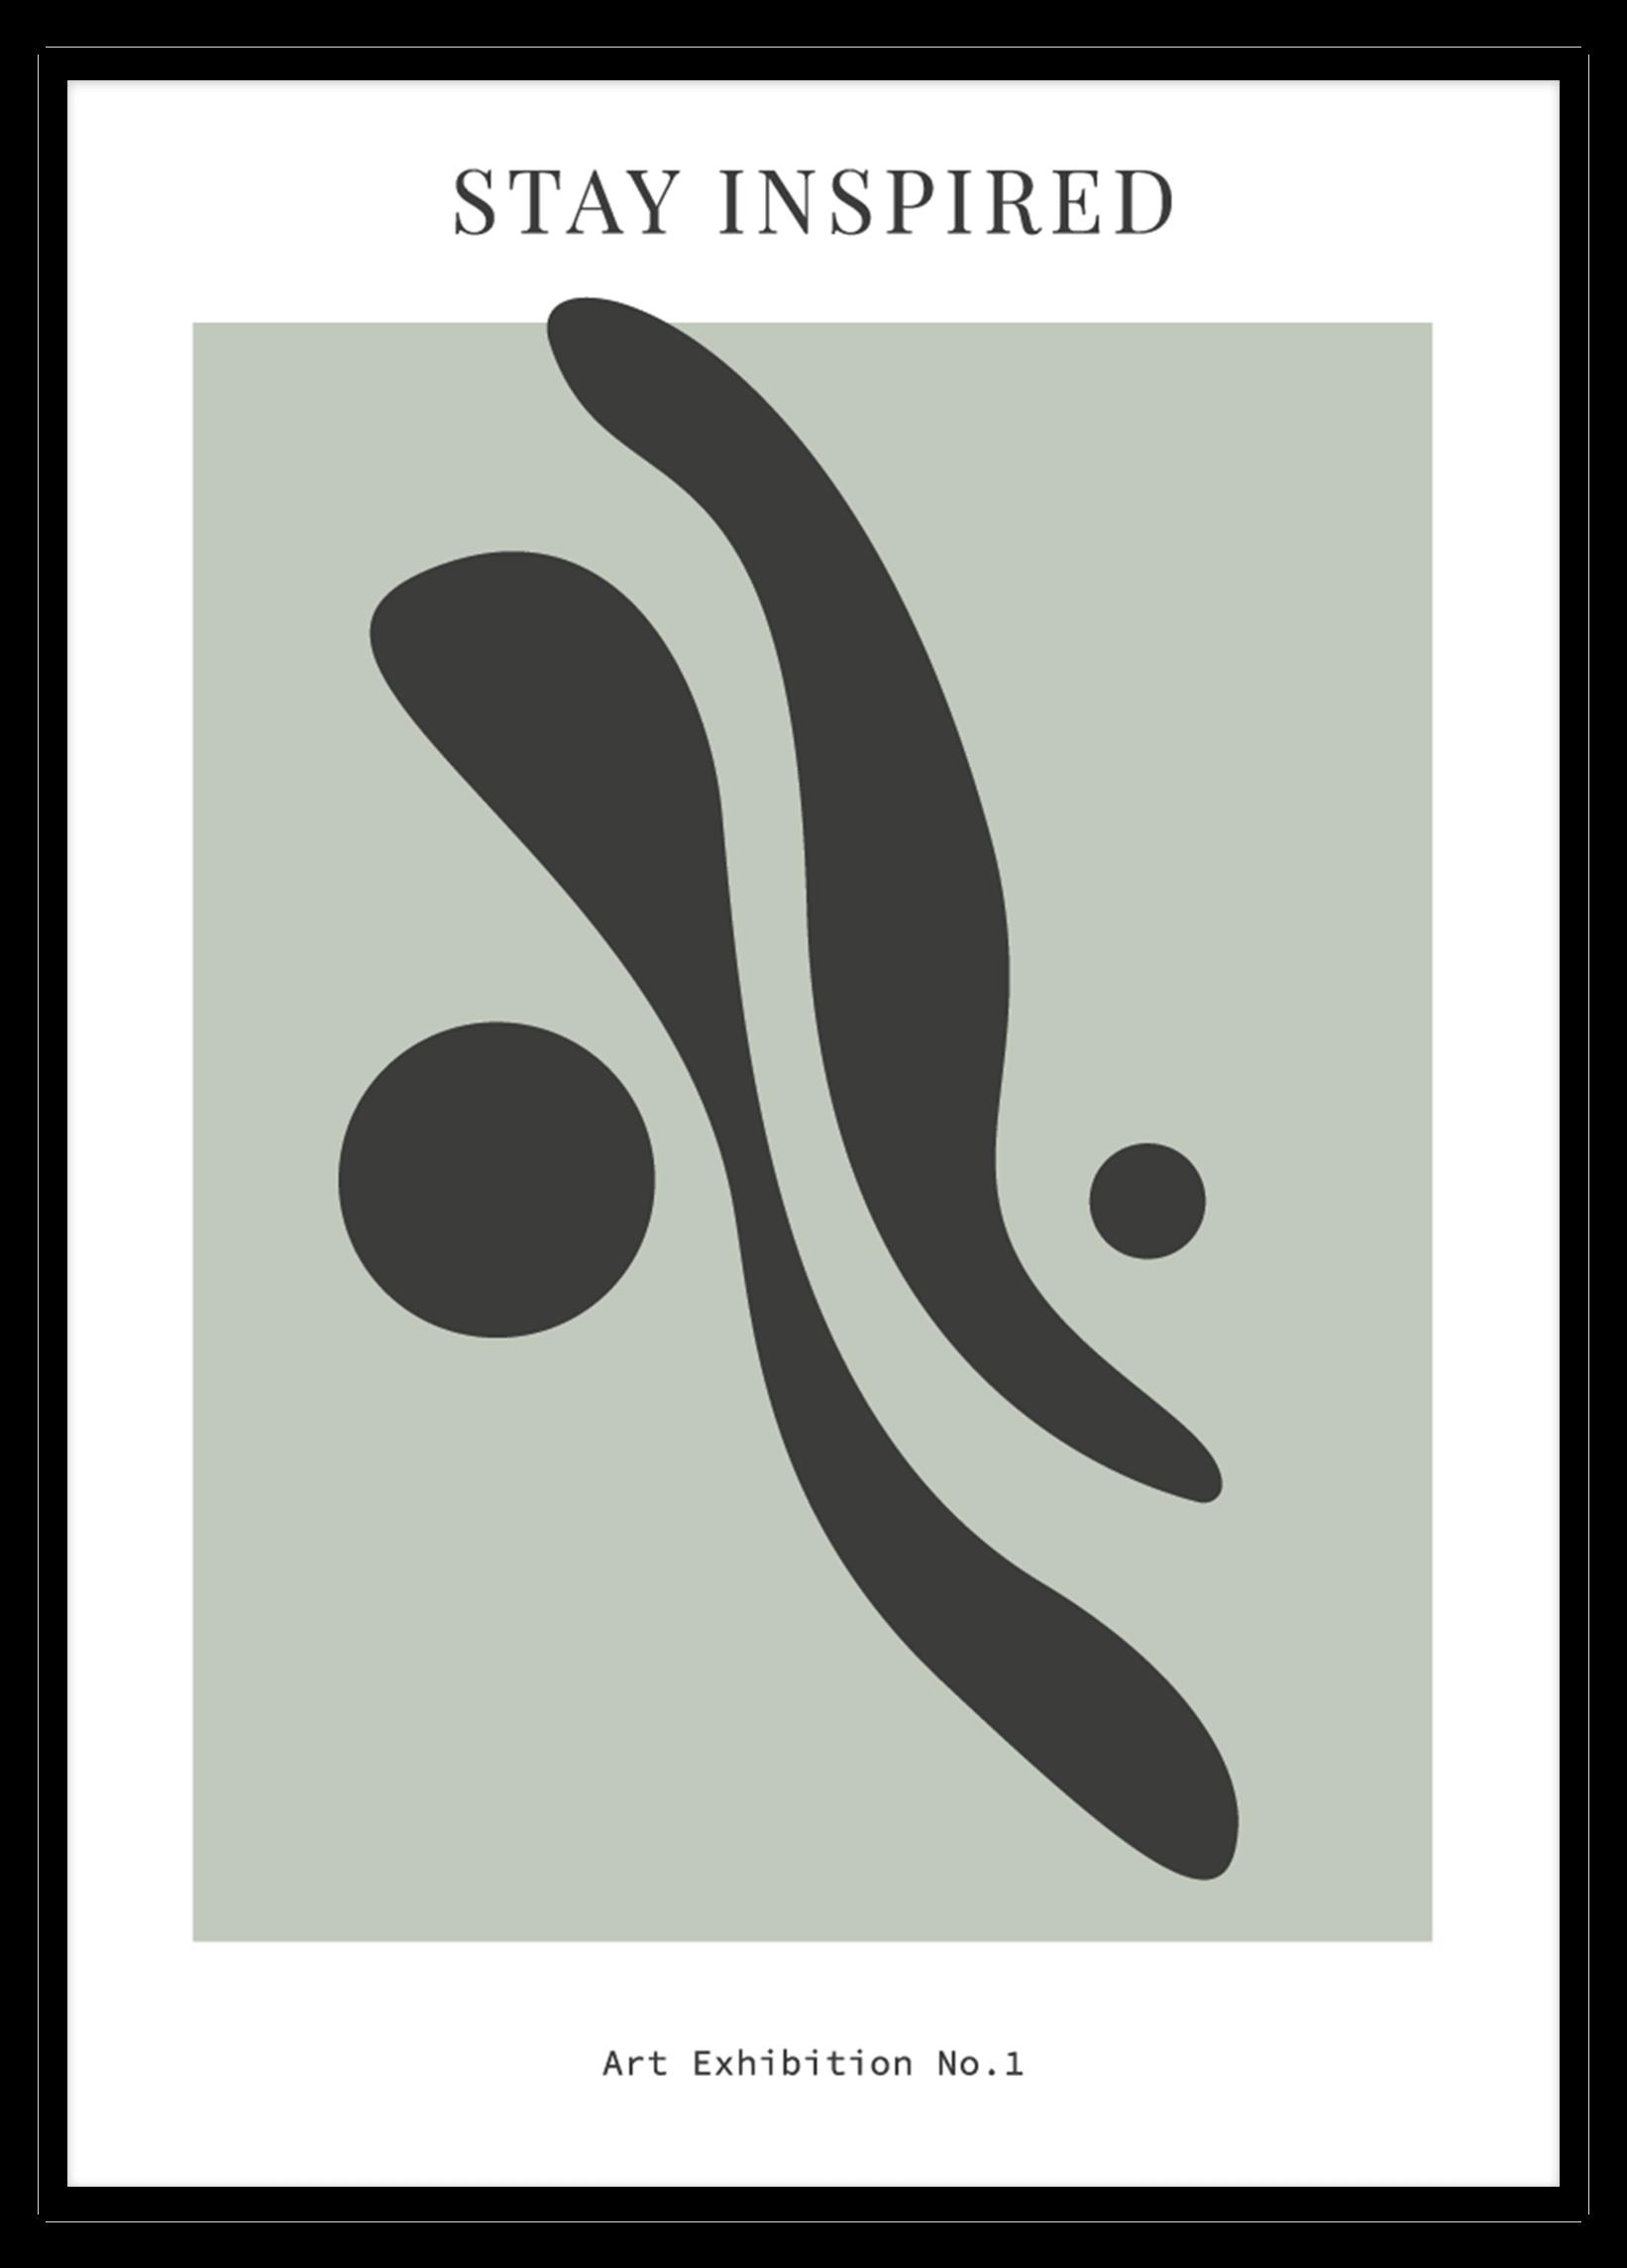 Art Exhibition No. 1